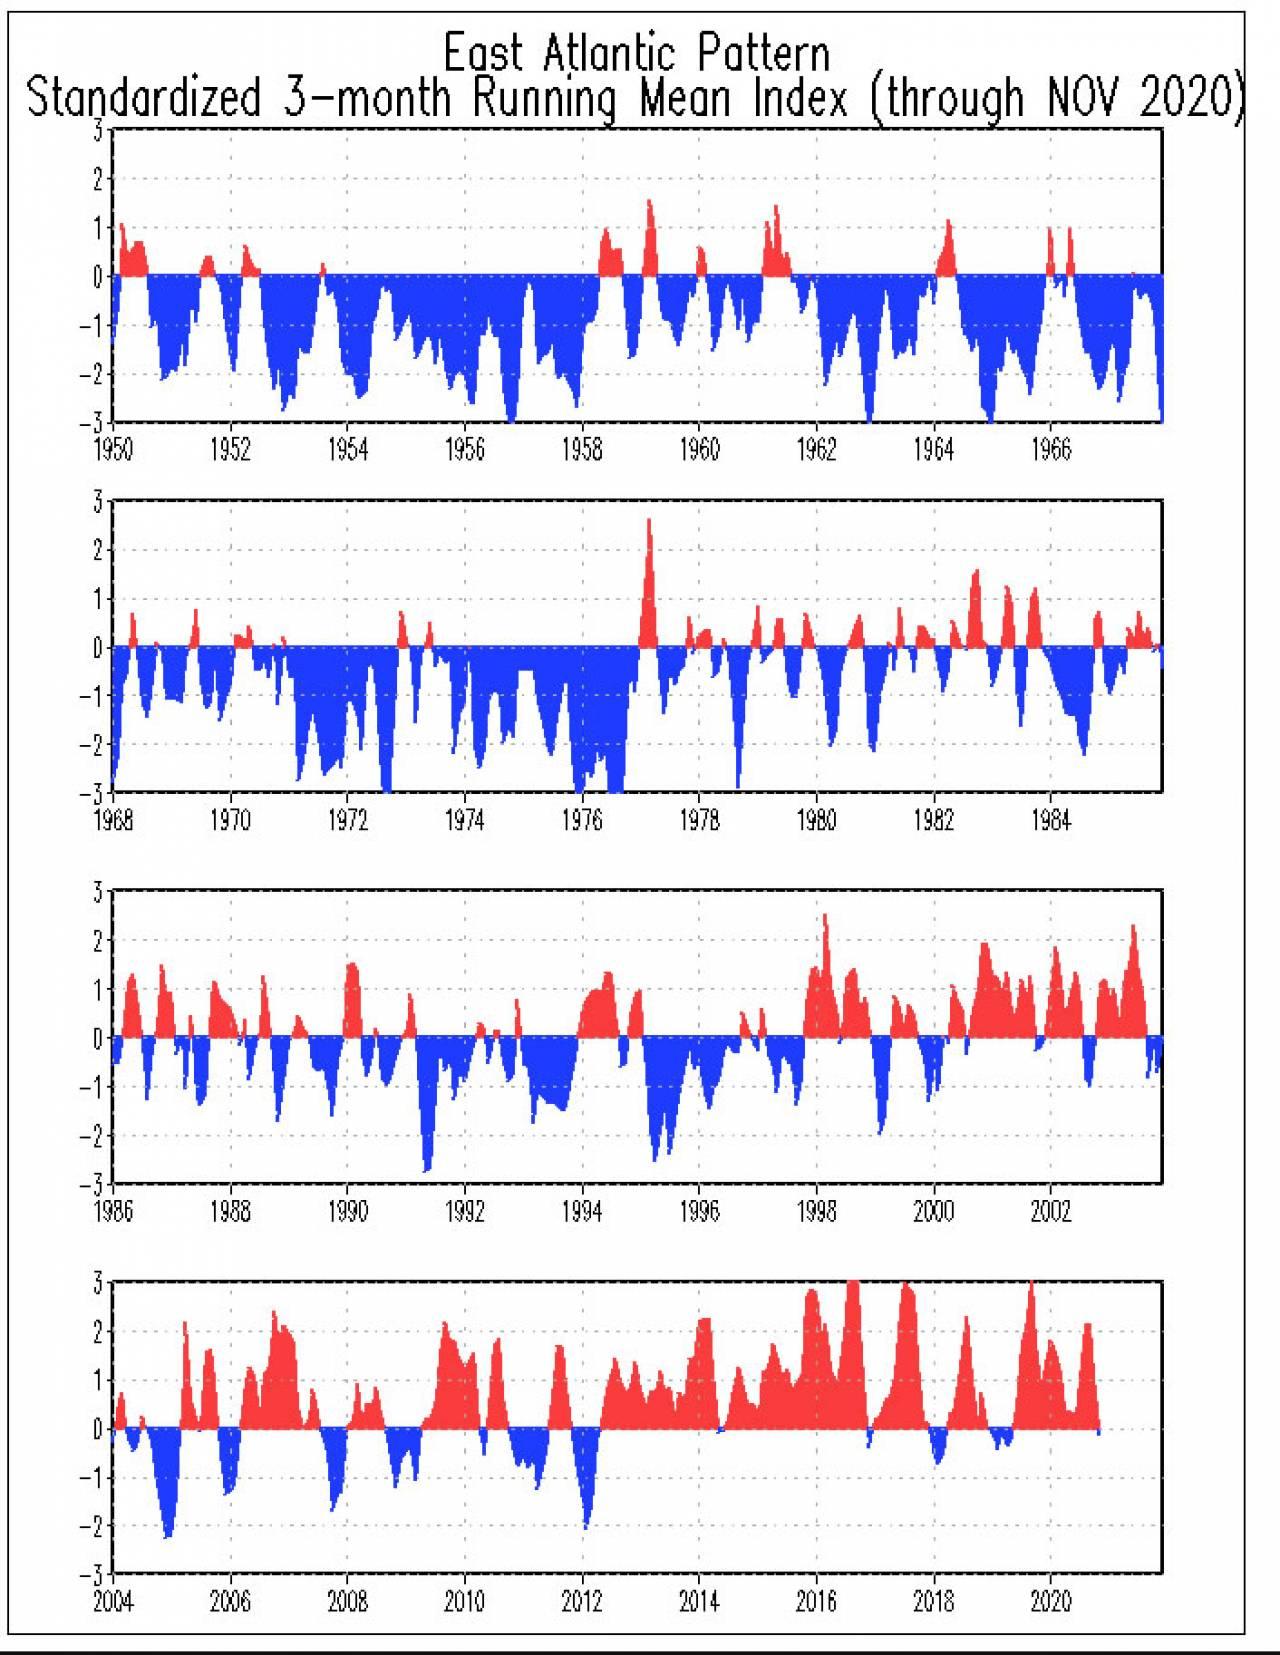 East Atlantic Pattern positivo dagli anni 2000